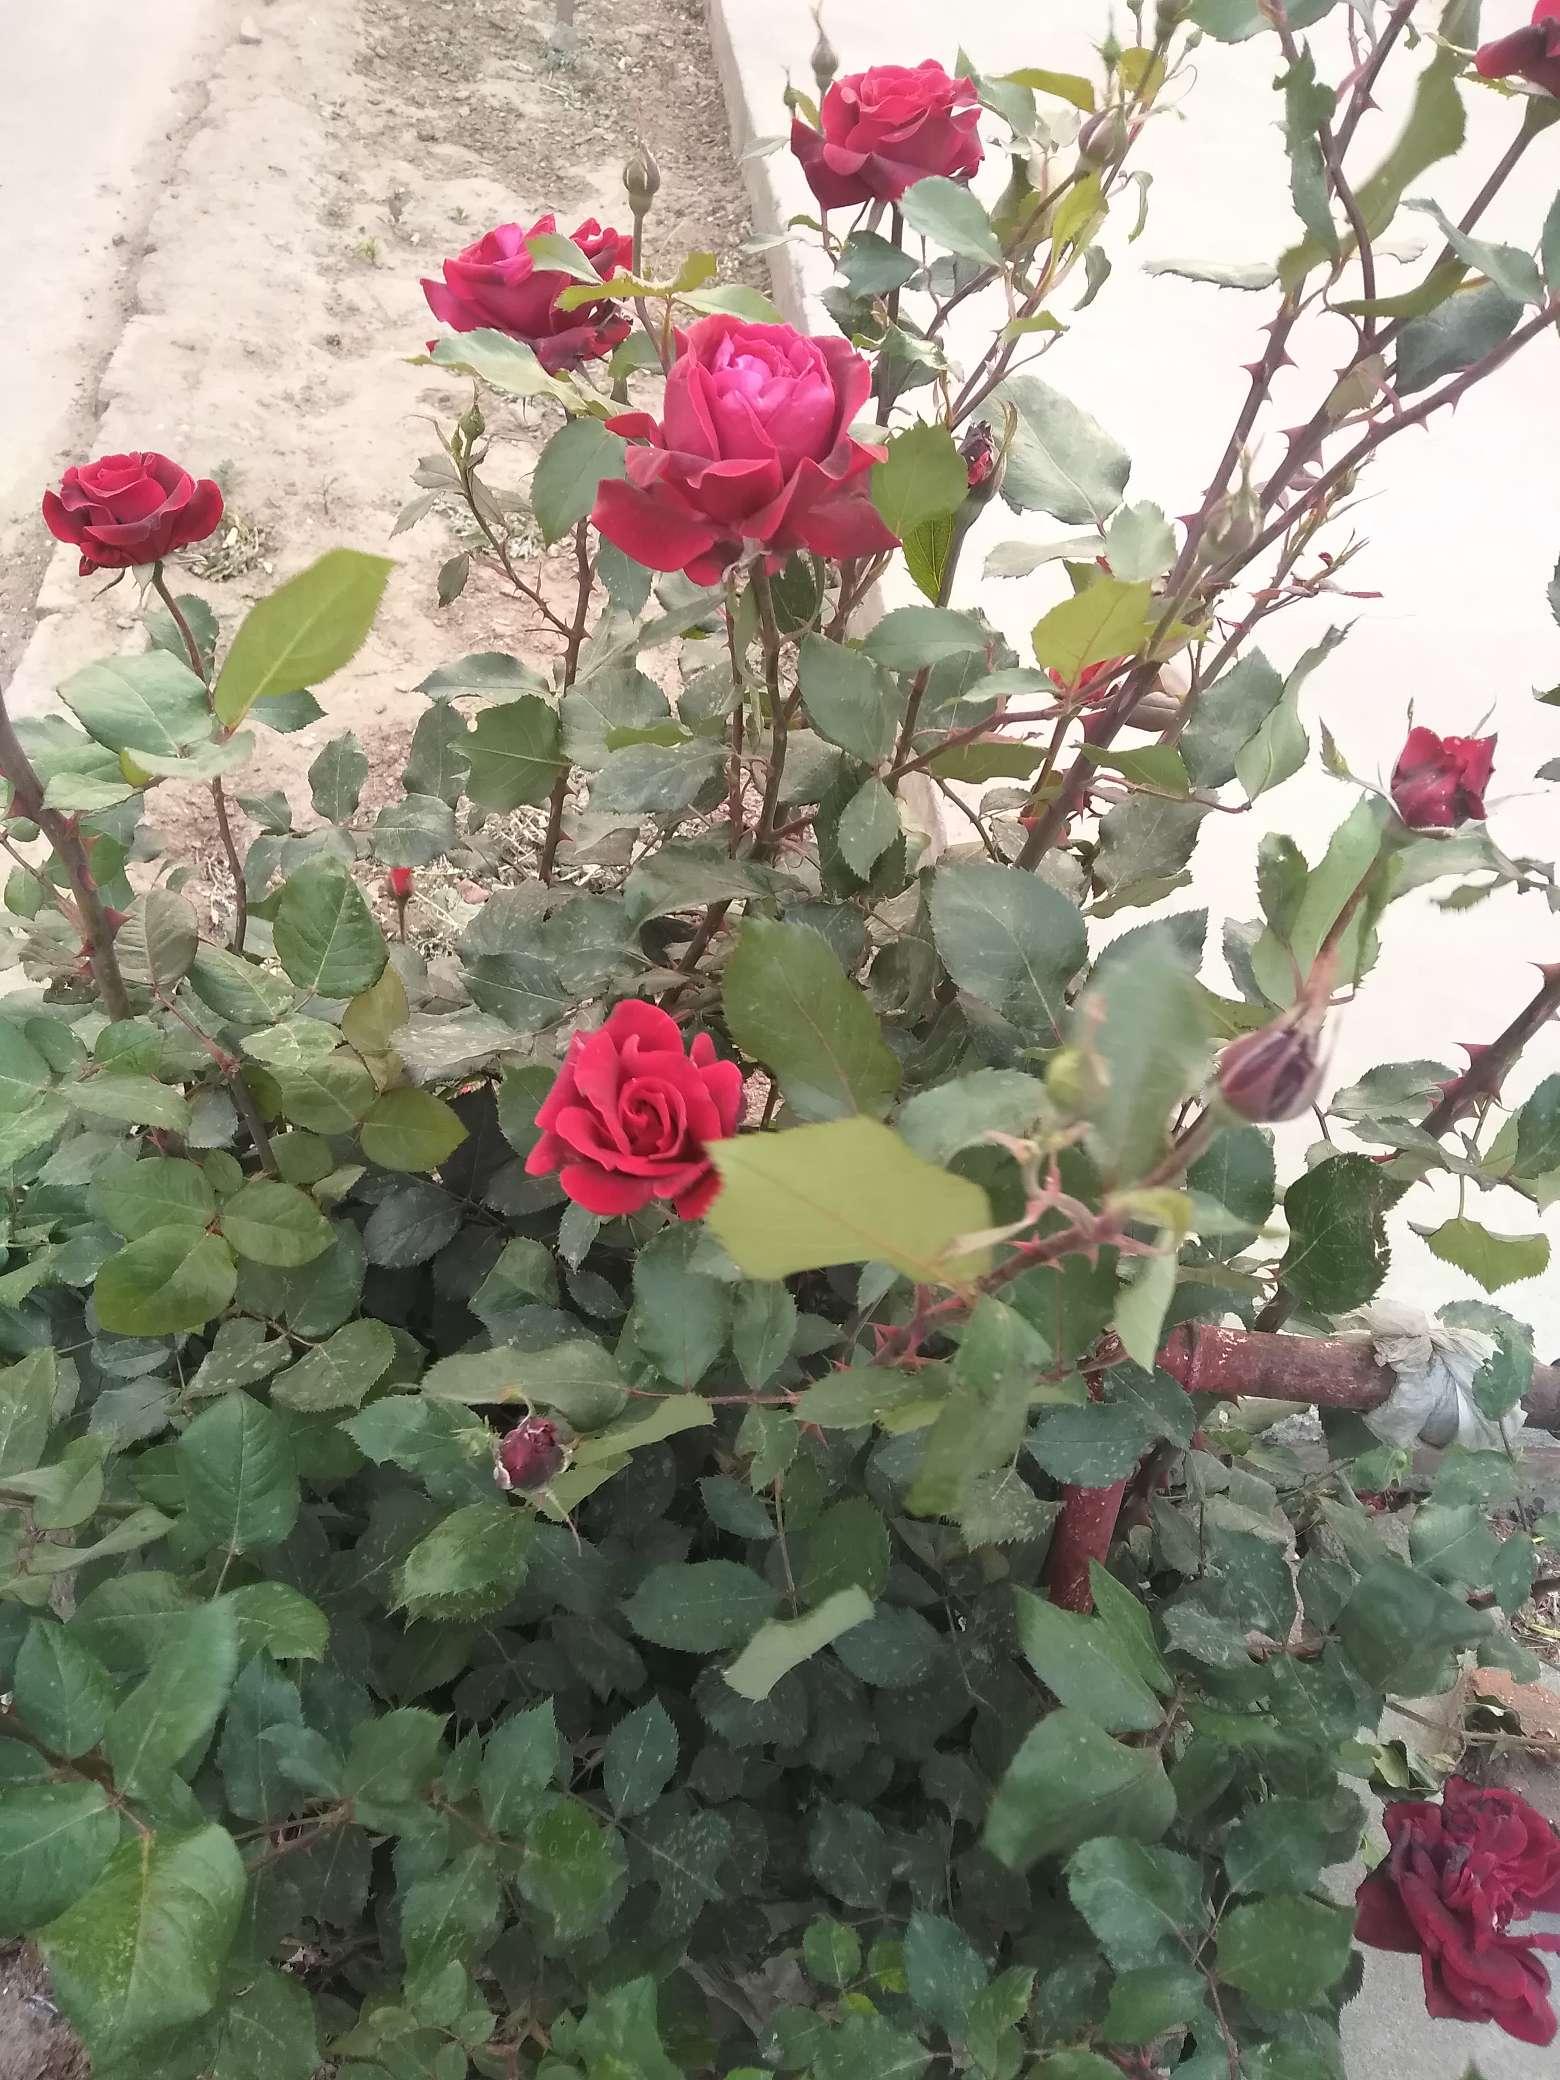 【手绘】依偎着玫瑰的卡宾枪